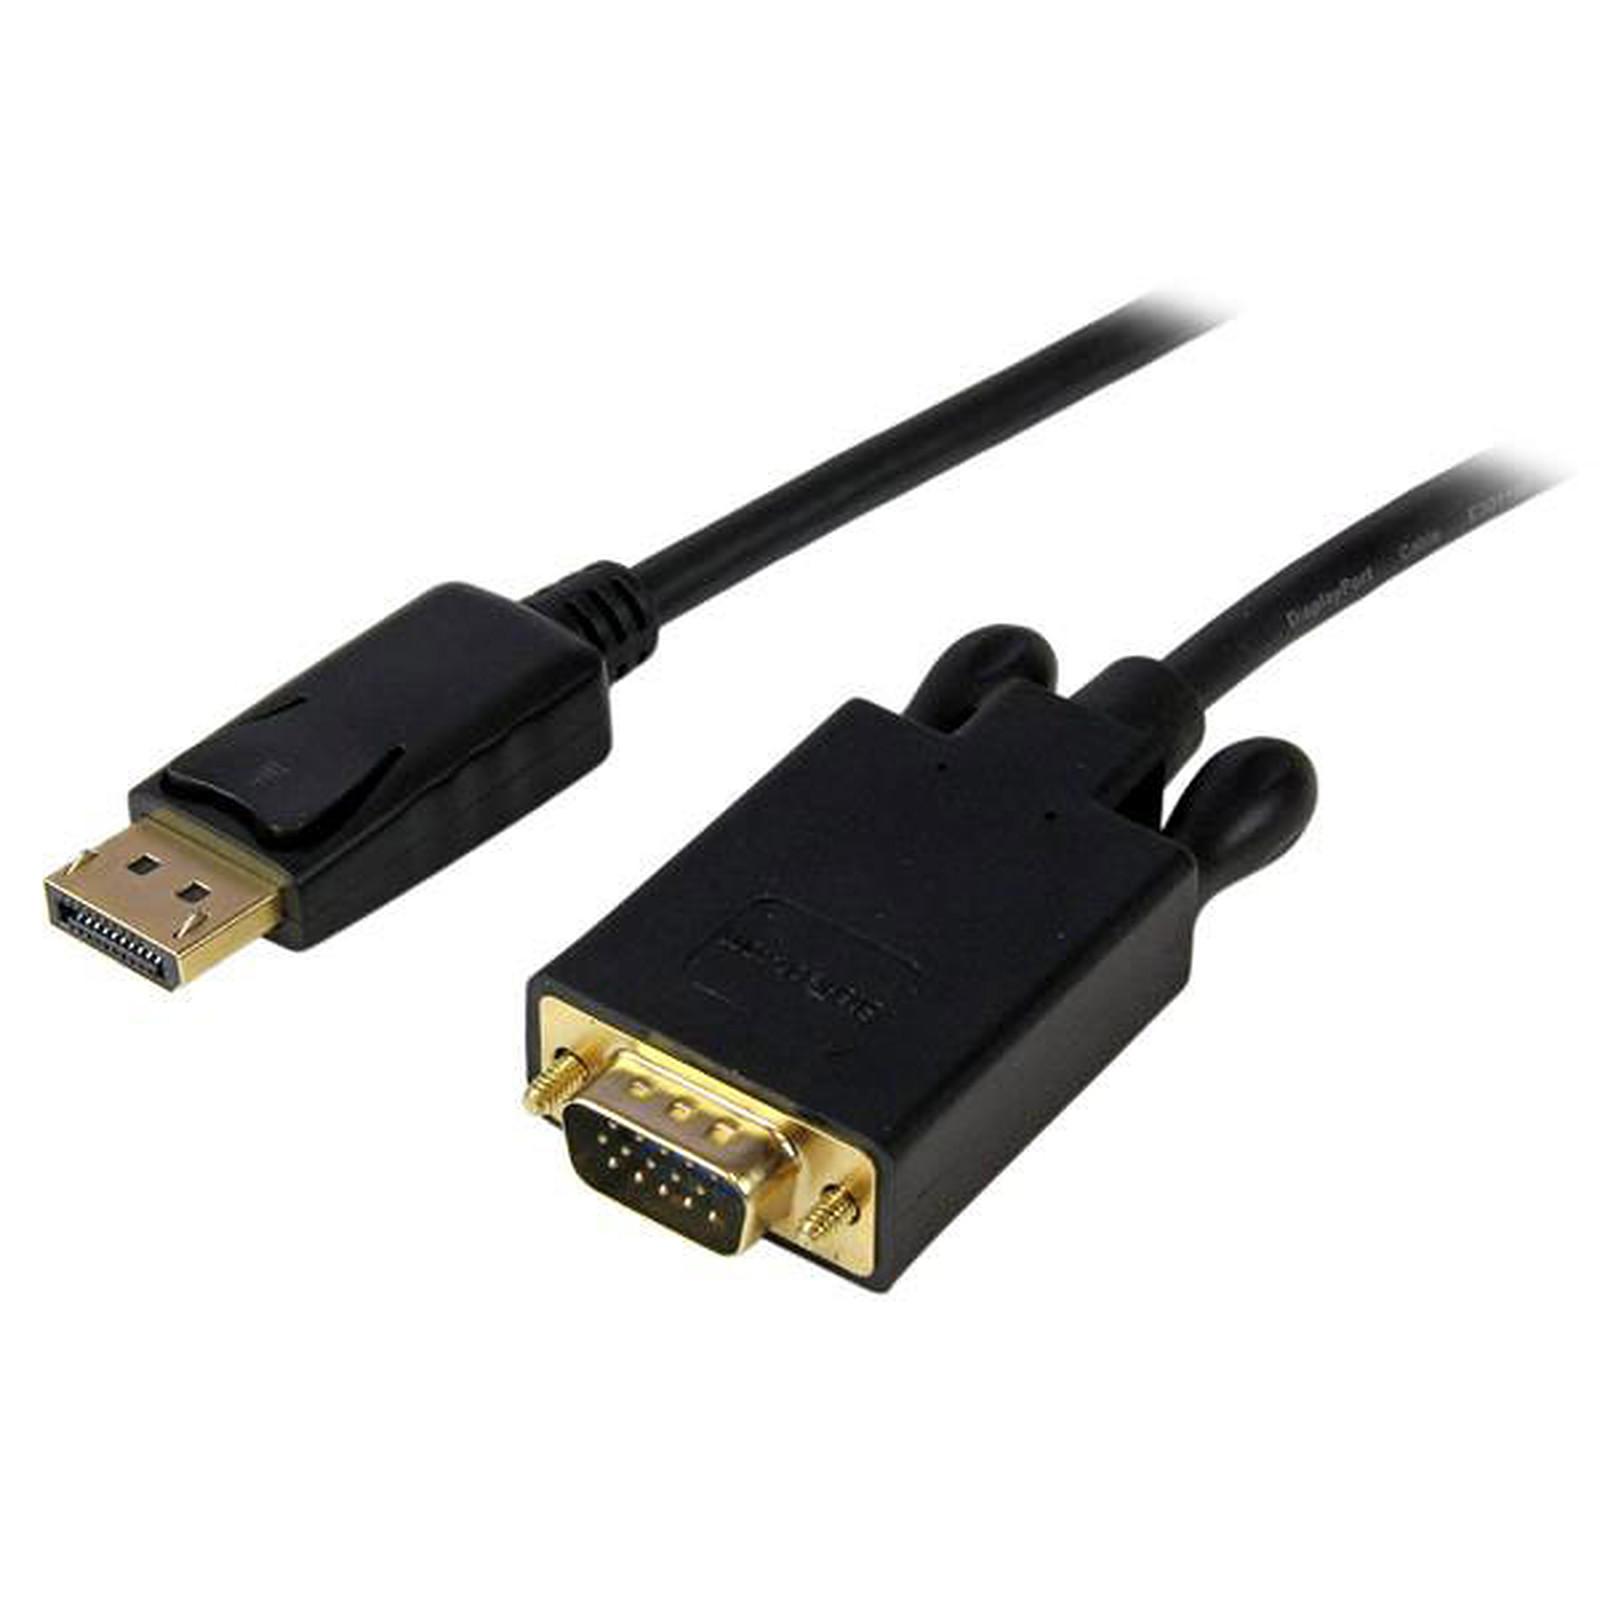 StarTech.com DP2VGAMM3B